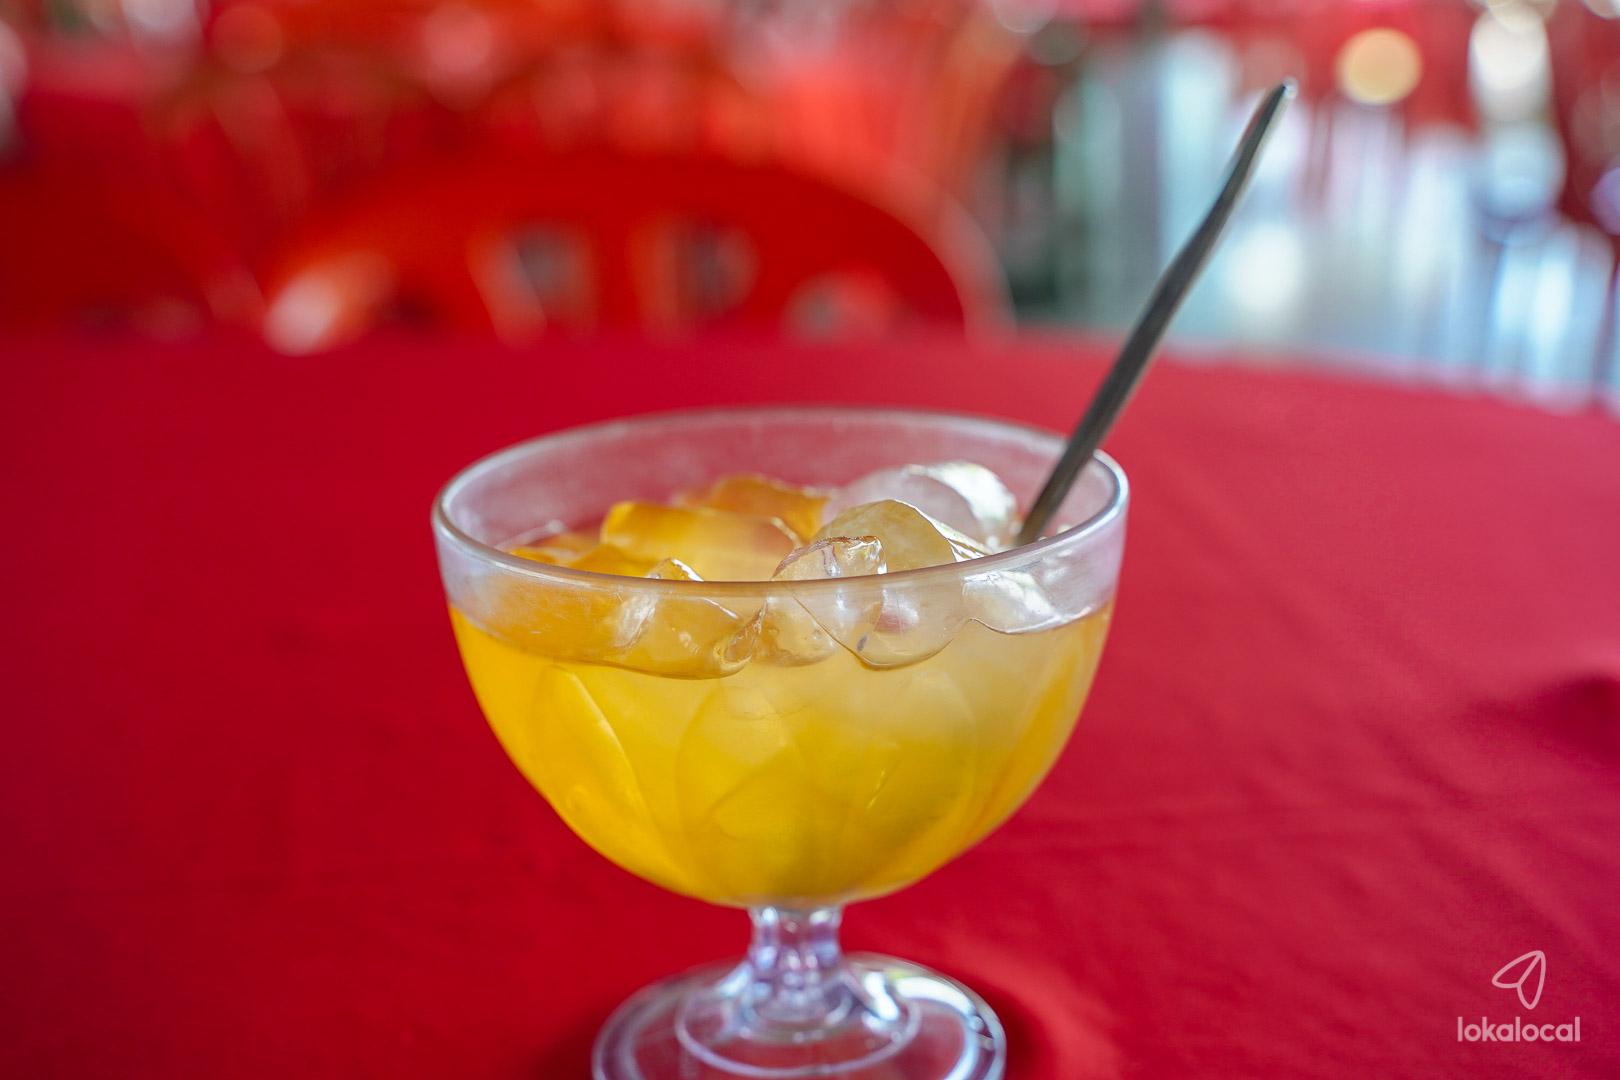 Tanjung Sepat: 8 Food to Eat in Selangor's Seaside Village - www.lokalocal.com